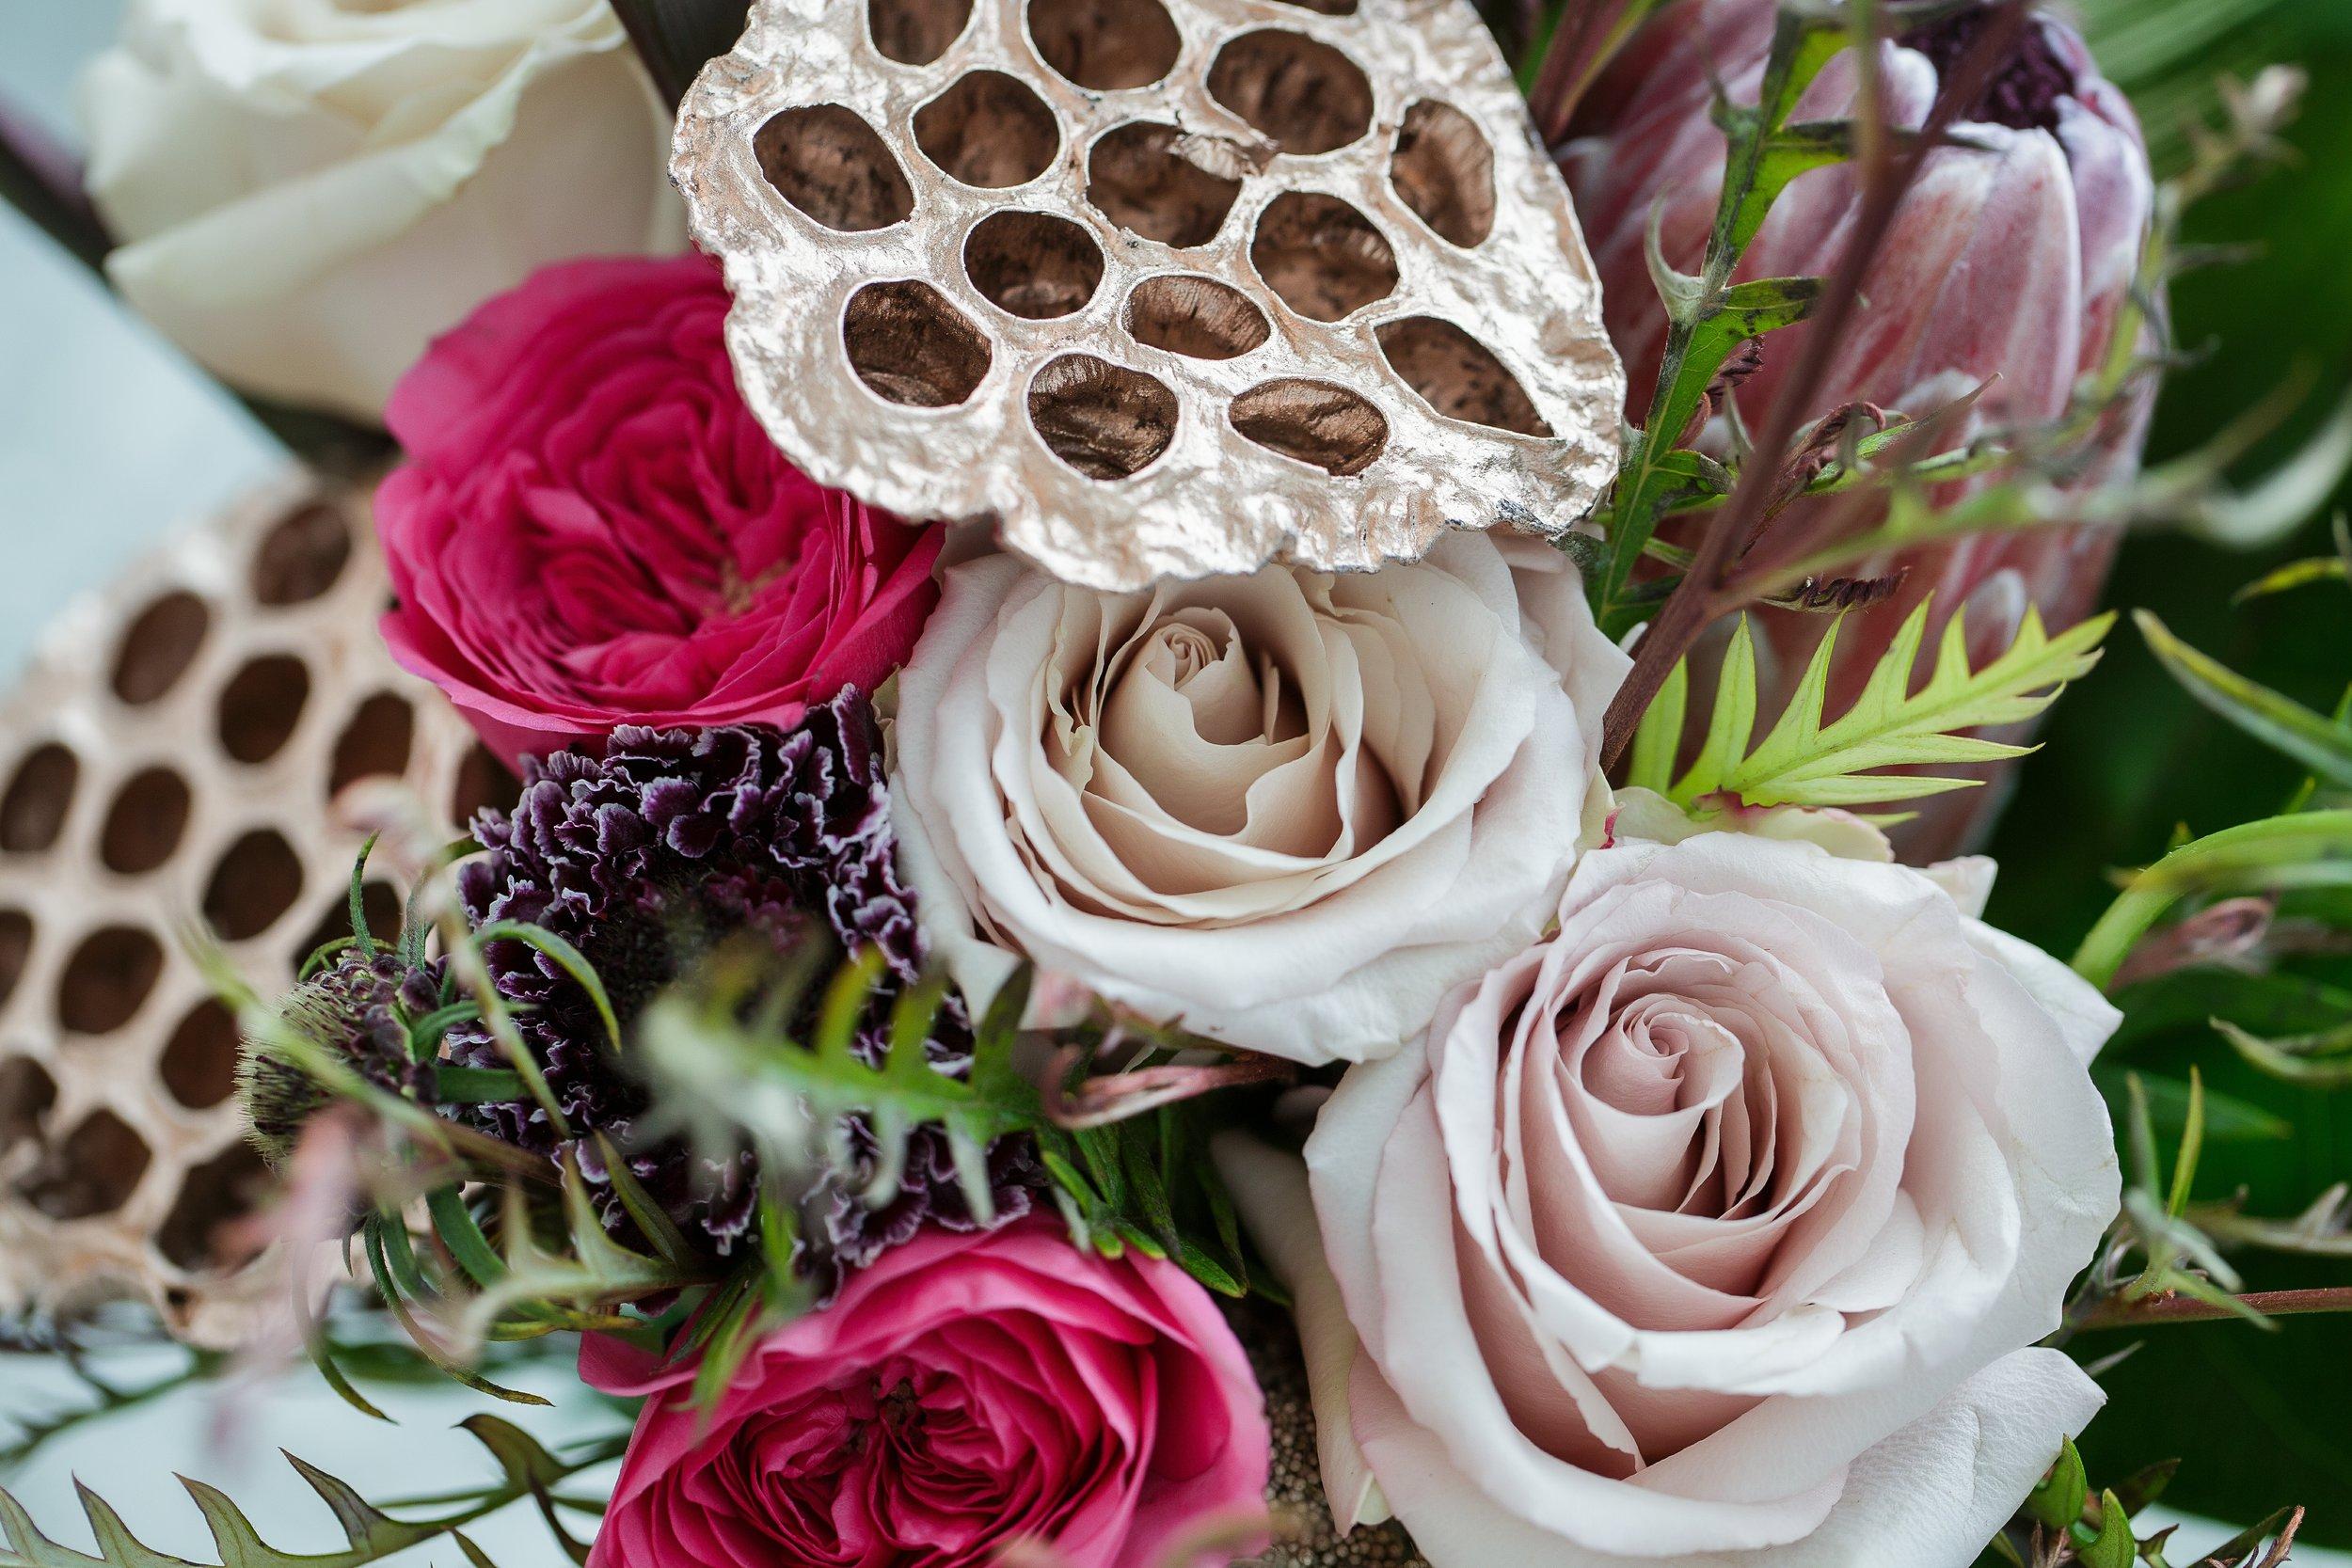 Fox-and-Fern-Wedding-Flowers-2050-Styled-Shoot.jpg